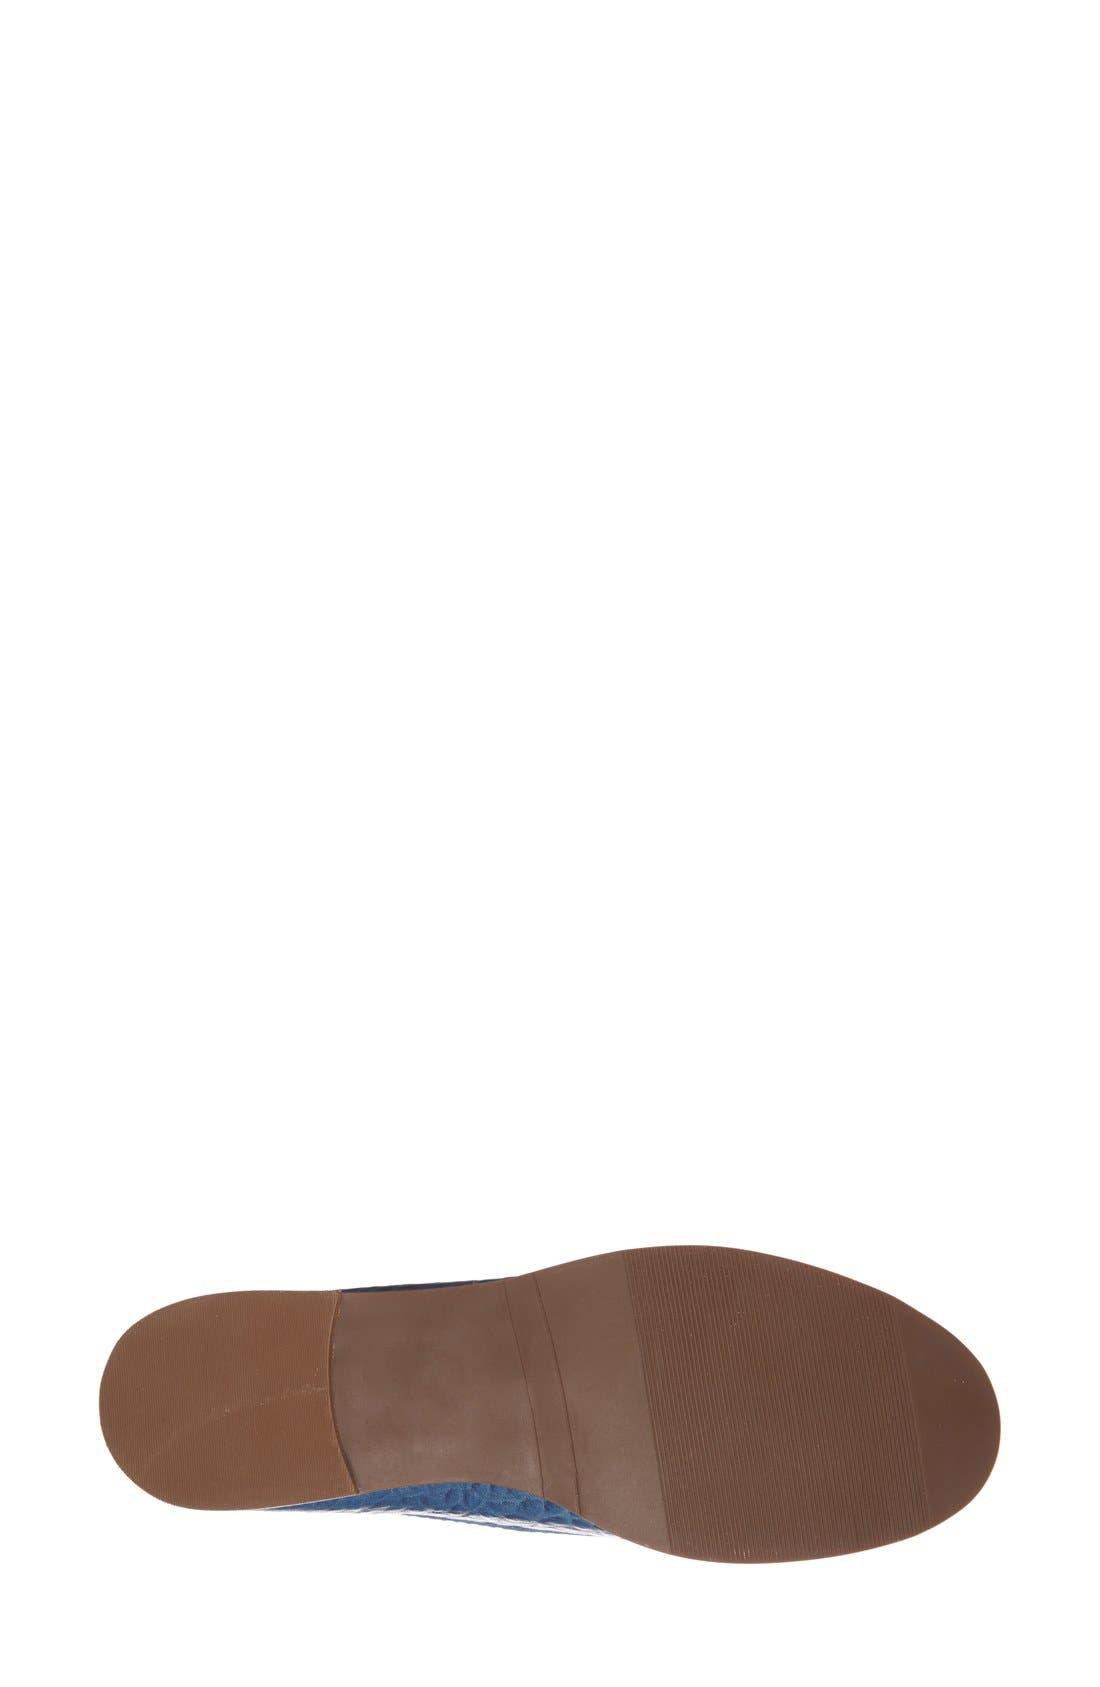 'East Village' Loafer,                             Alternate thumbnail 4, color,                             400